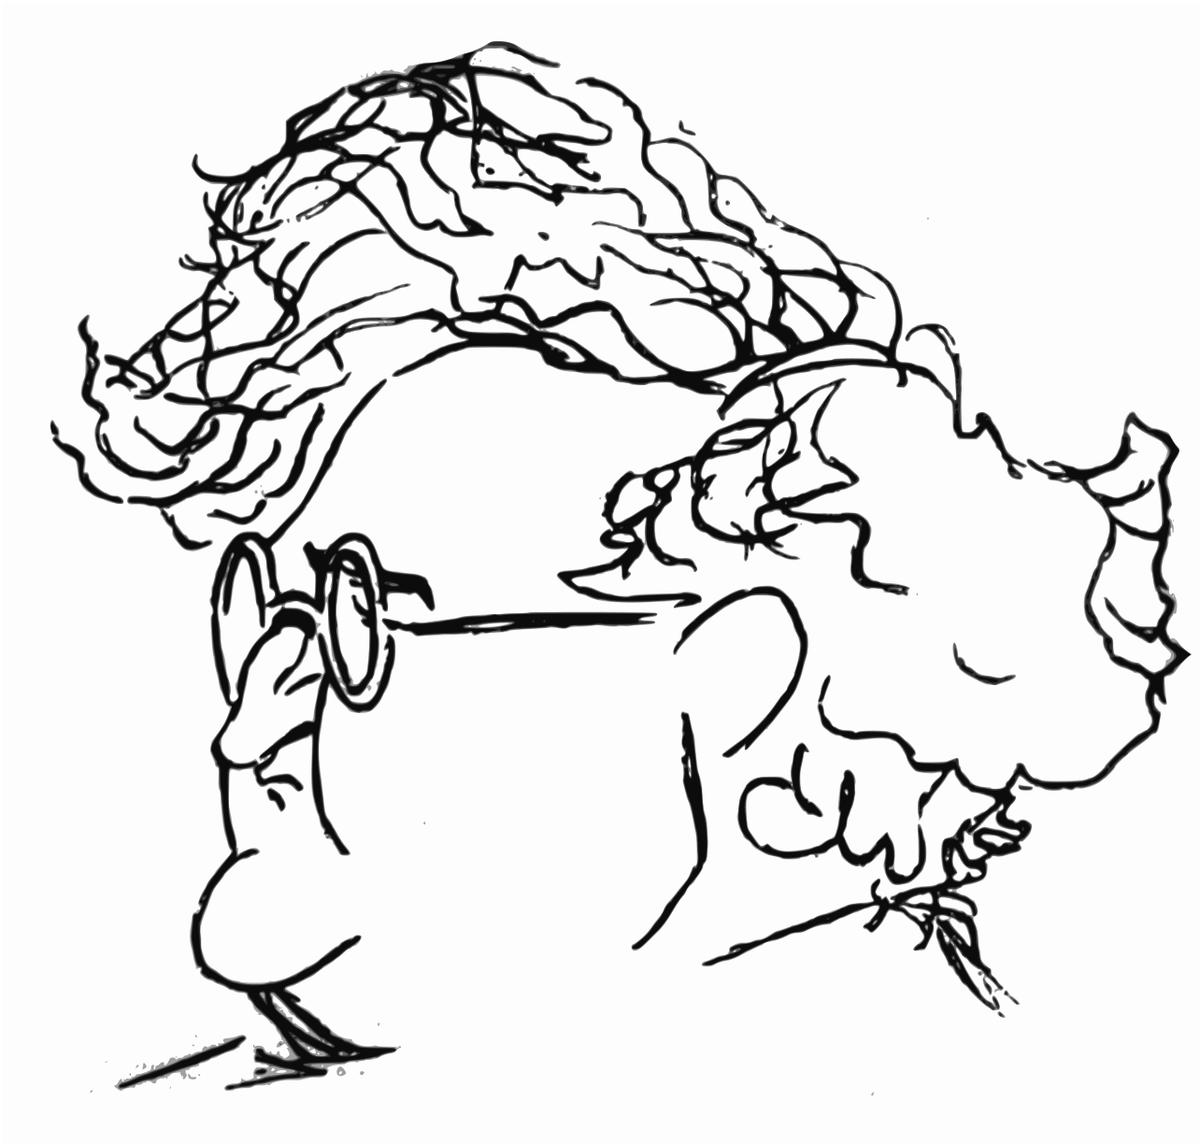 Perpessicius - Wikipedia